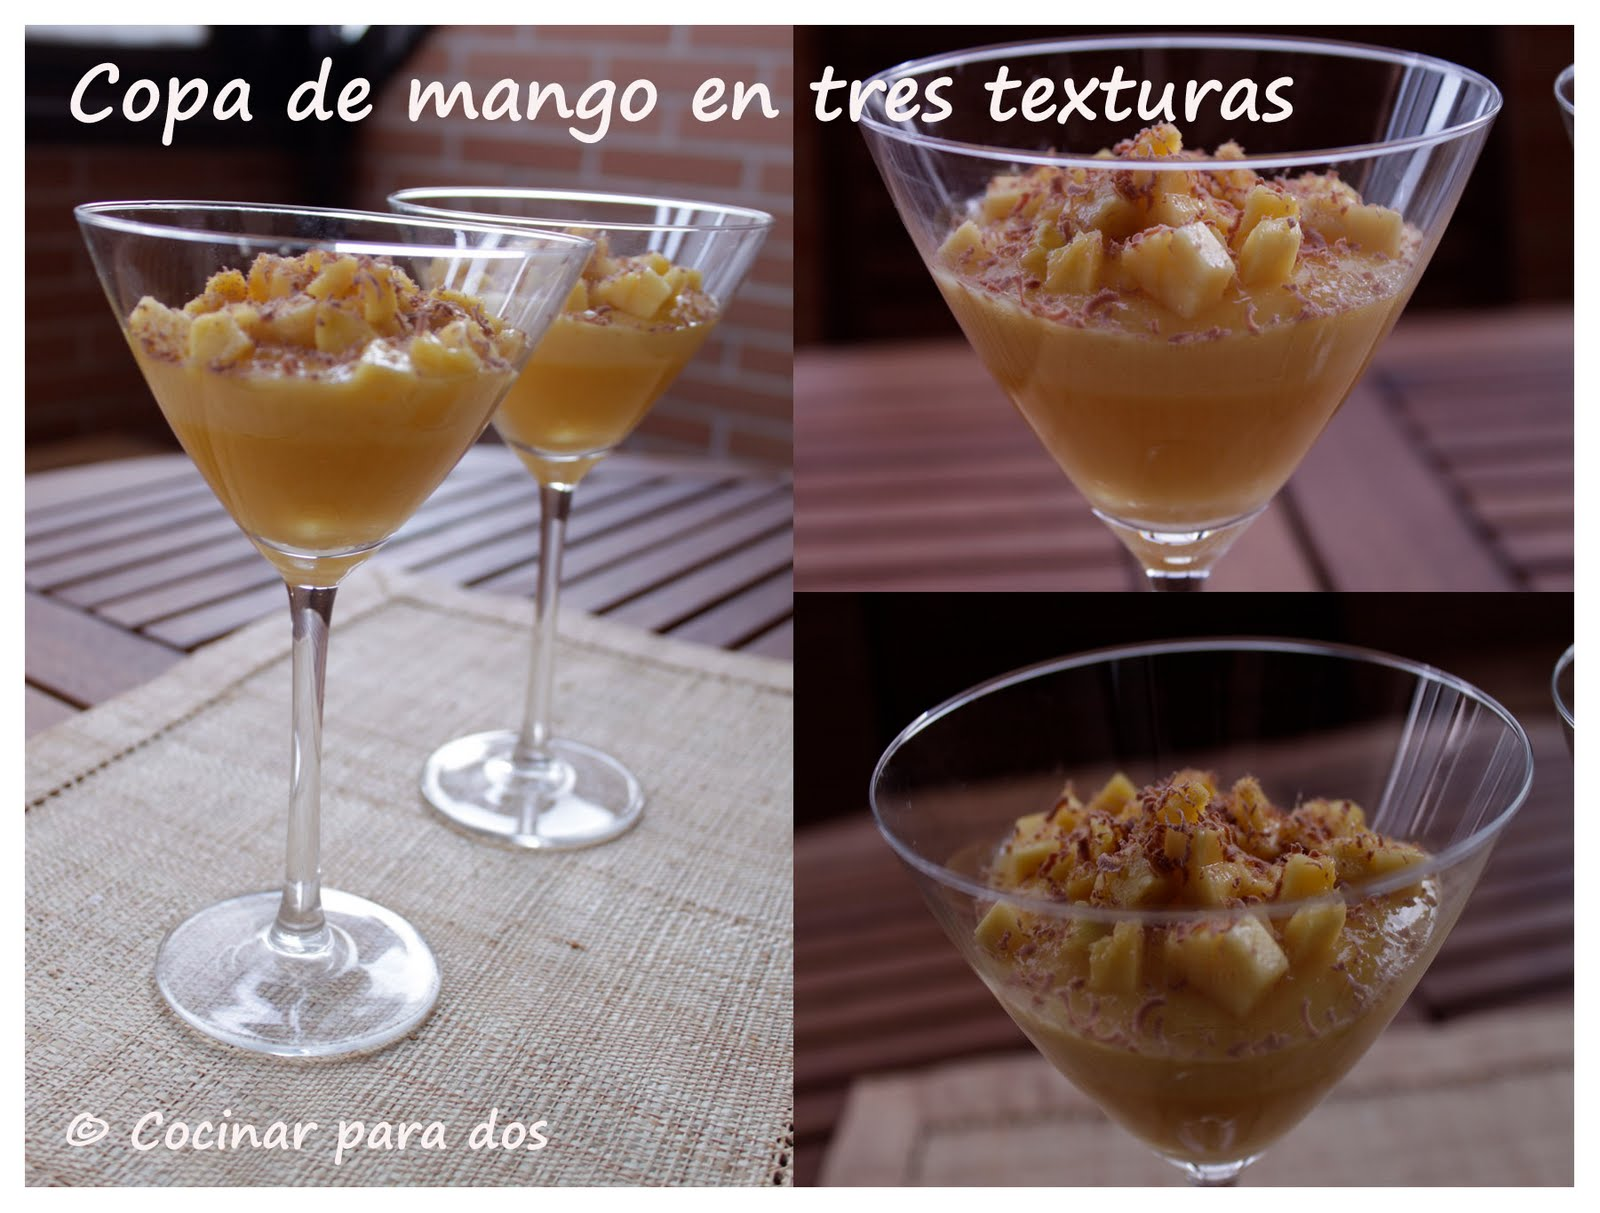 Copas de mango en tres texturas cocinar para 2 for Cocinar con mango